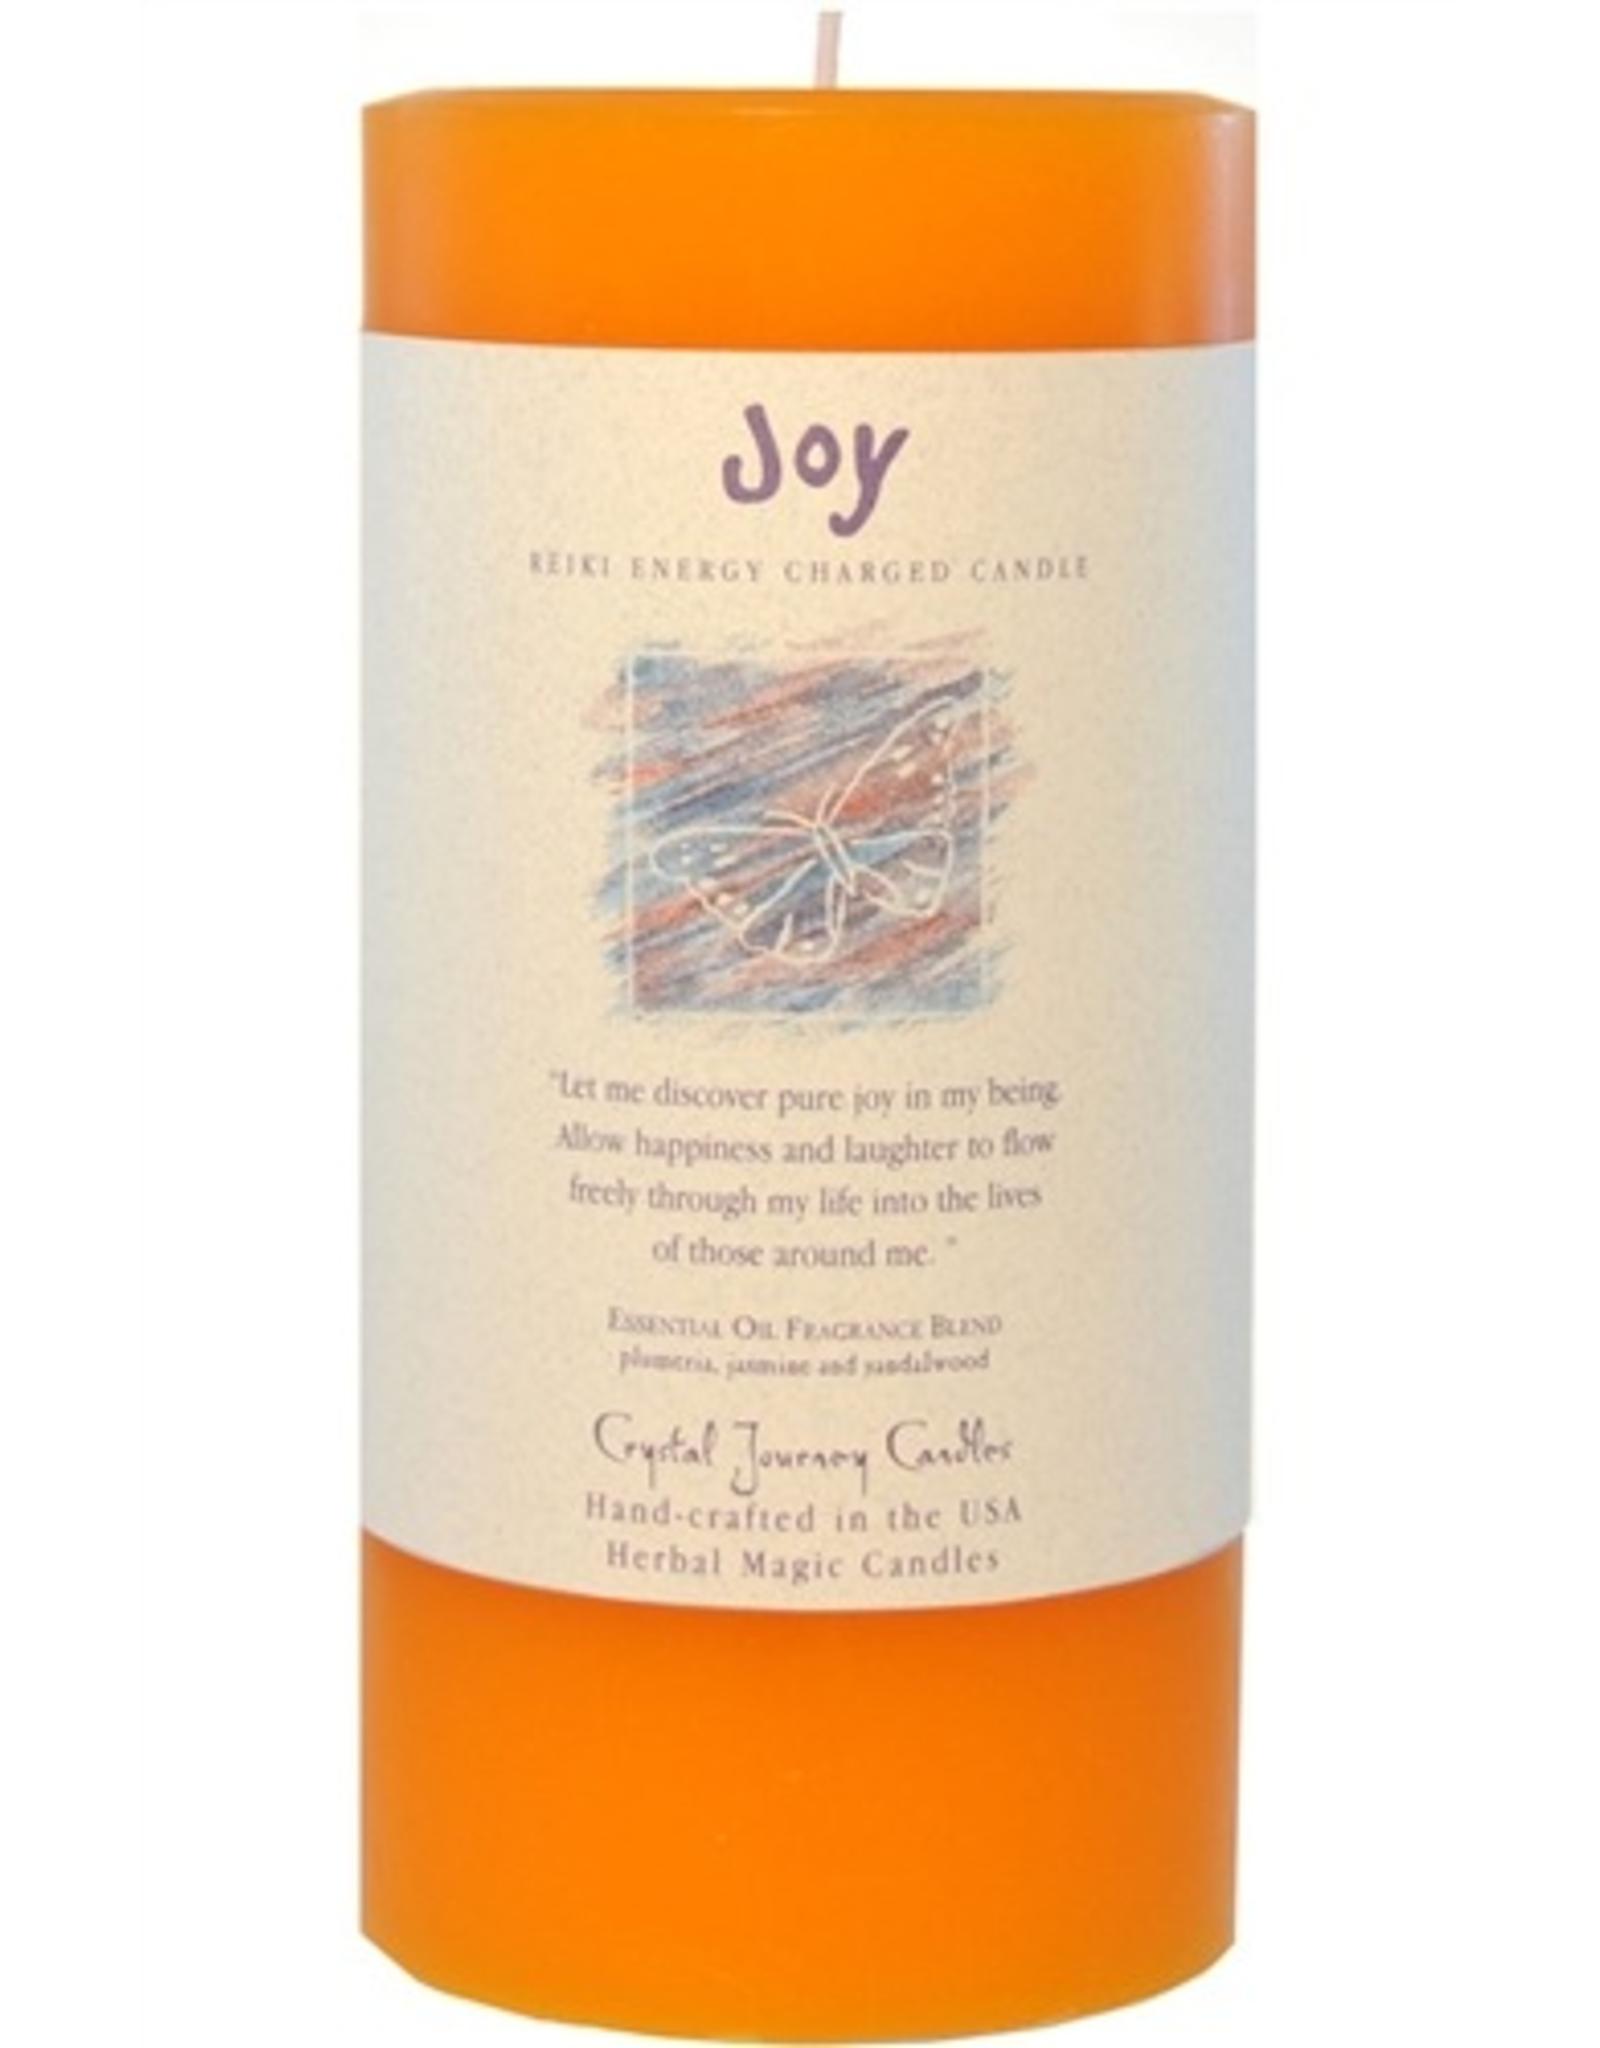 Crystal Journey Pillar 3x6 Candle-Joy